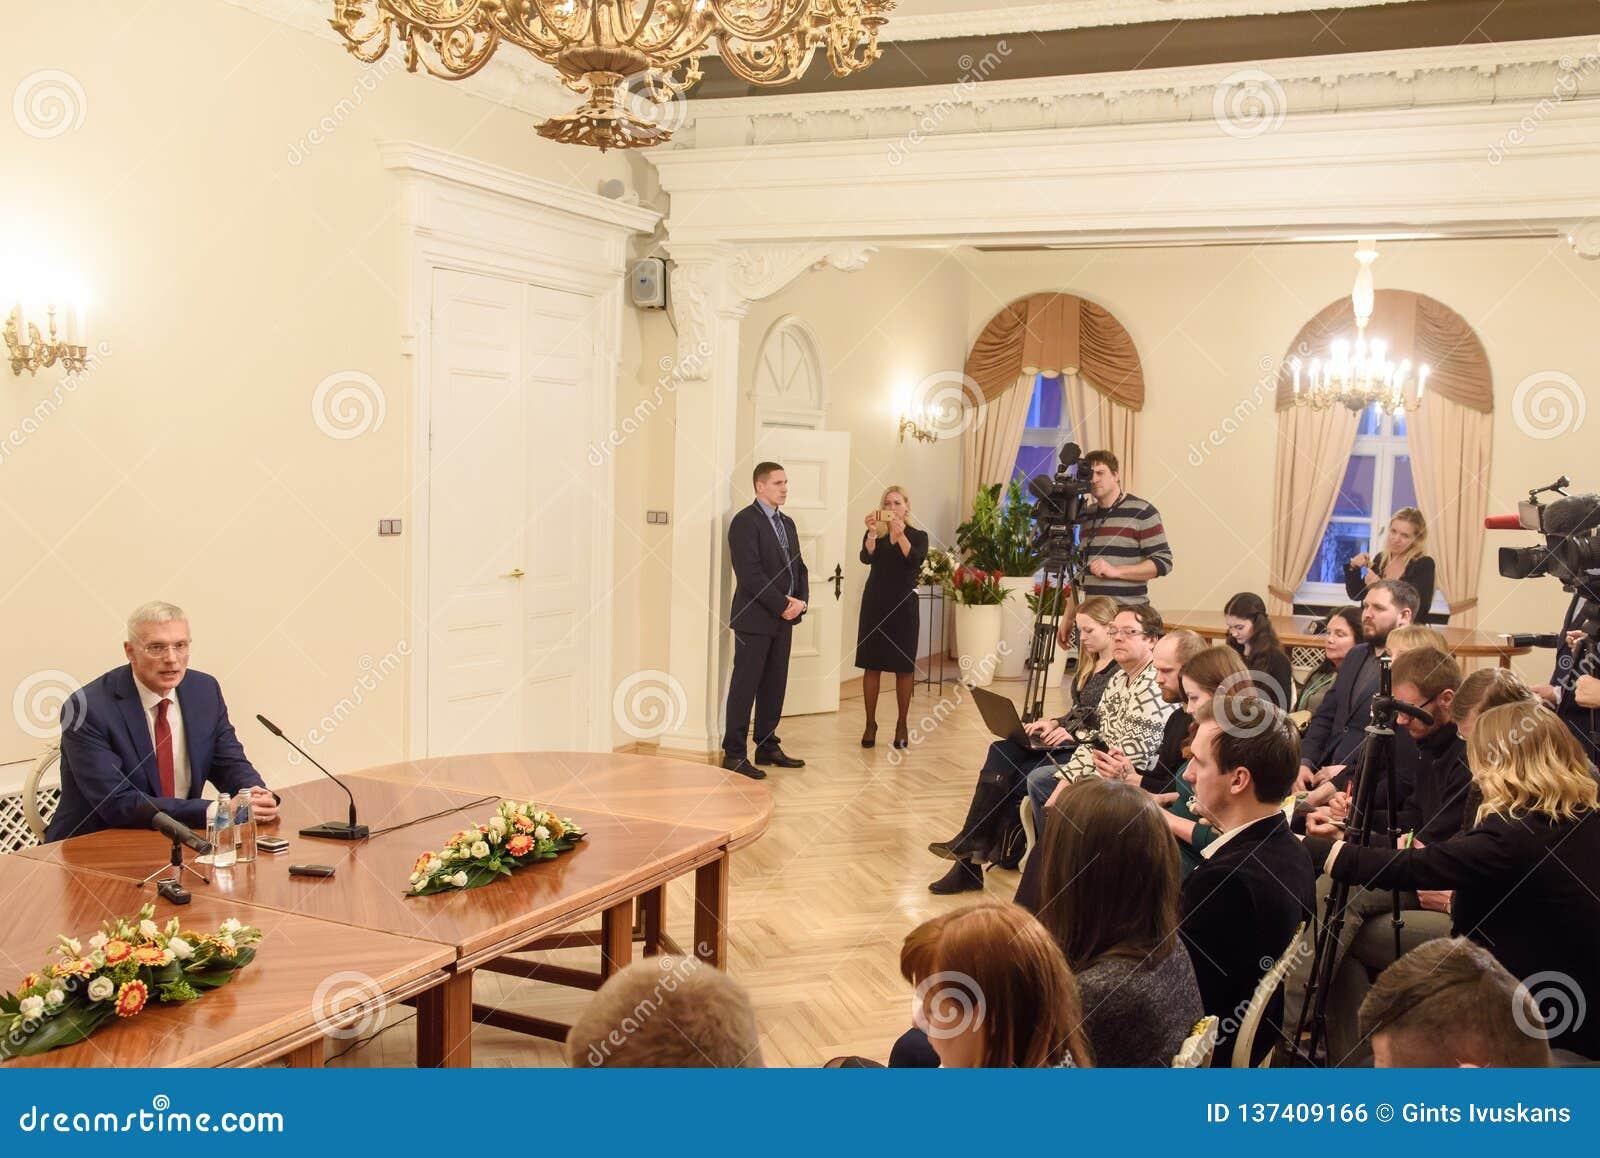 Conferência de imprensa do primeiro ministro novo de Letónia, Arturs Krisjanis Karins